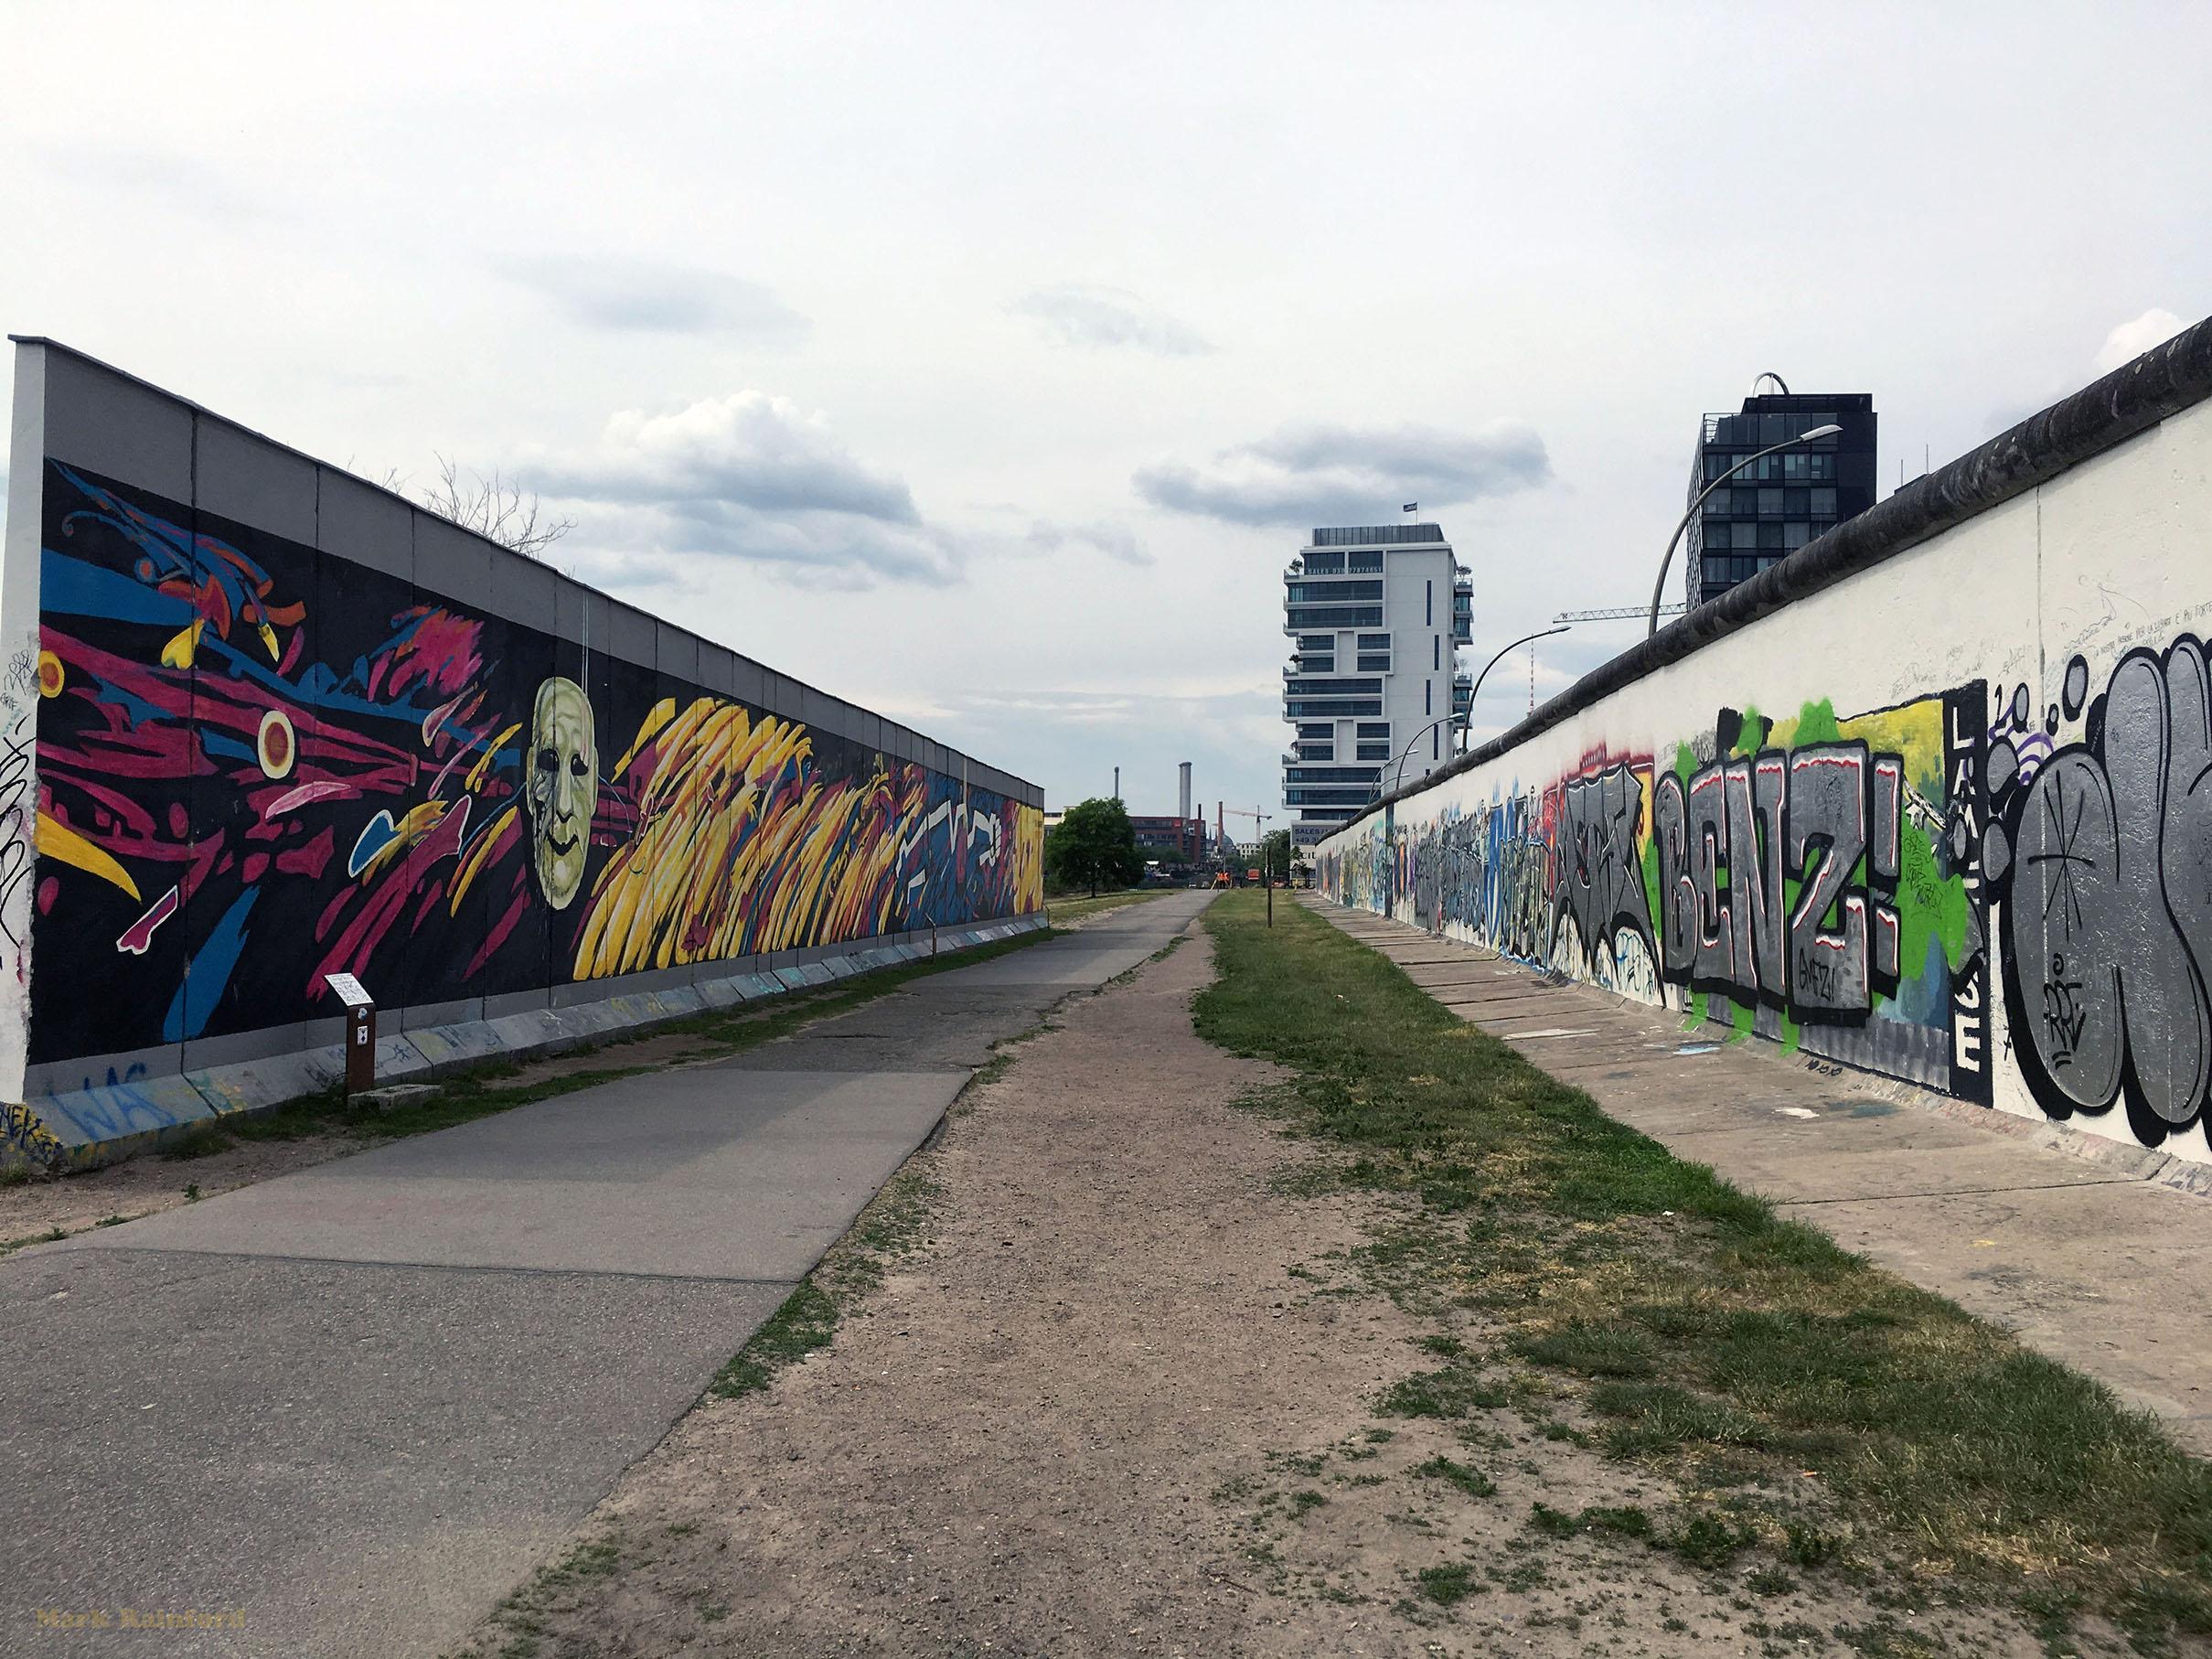 Berlin Germany East Side Gallery